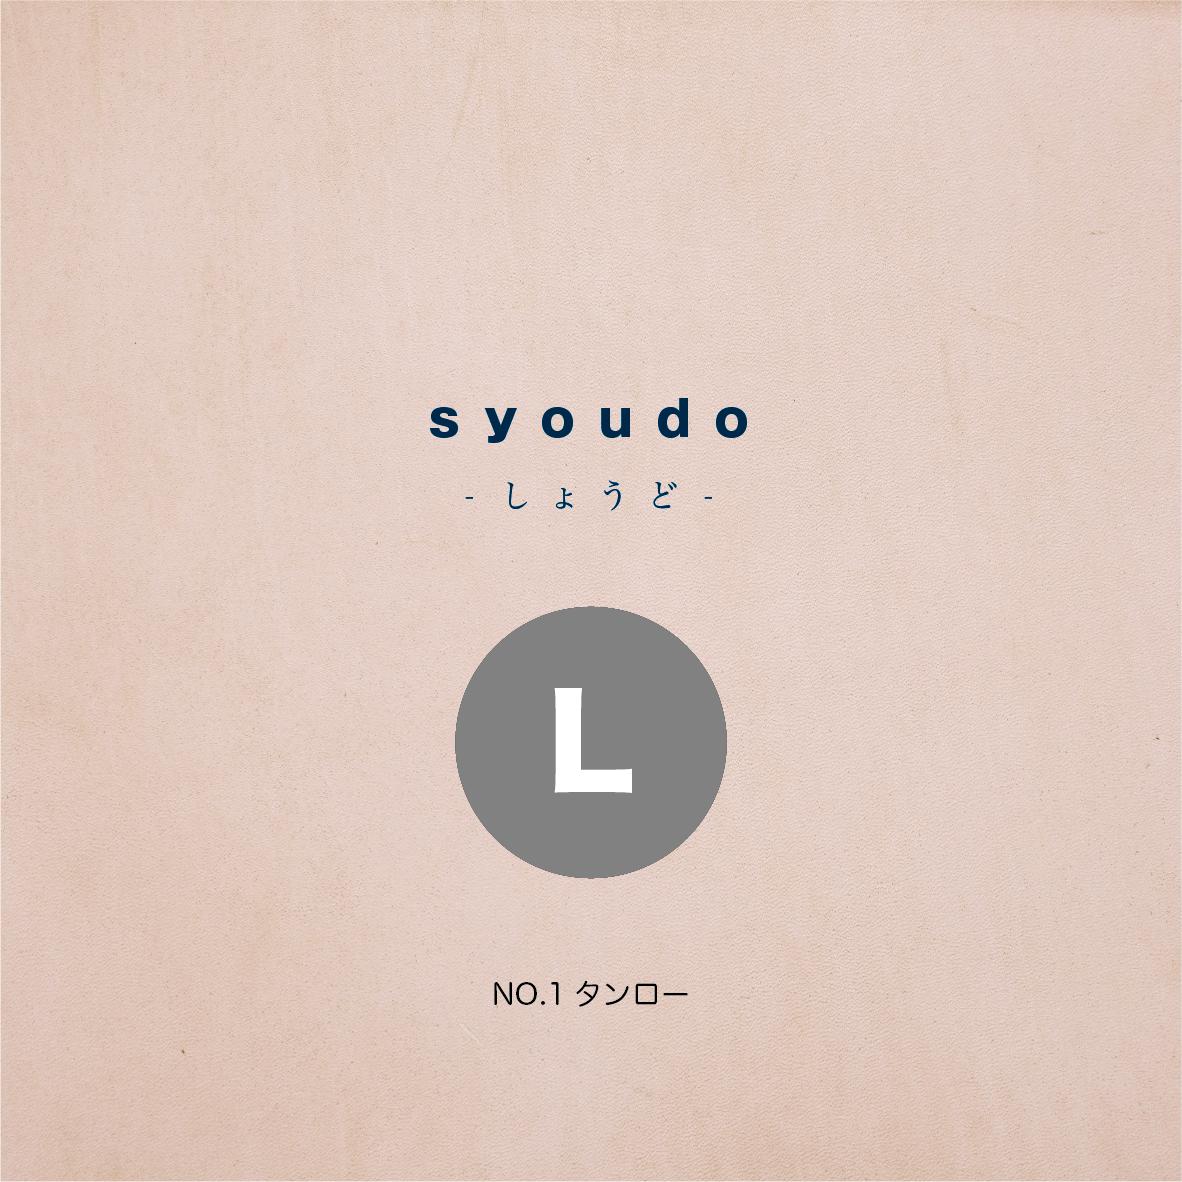 【半裁 Lサイズ】syoudo-しょうど-ヌメ革